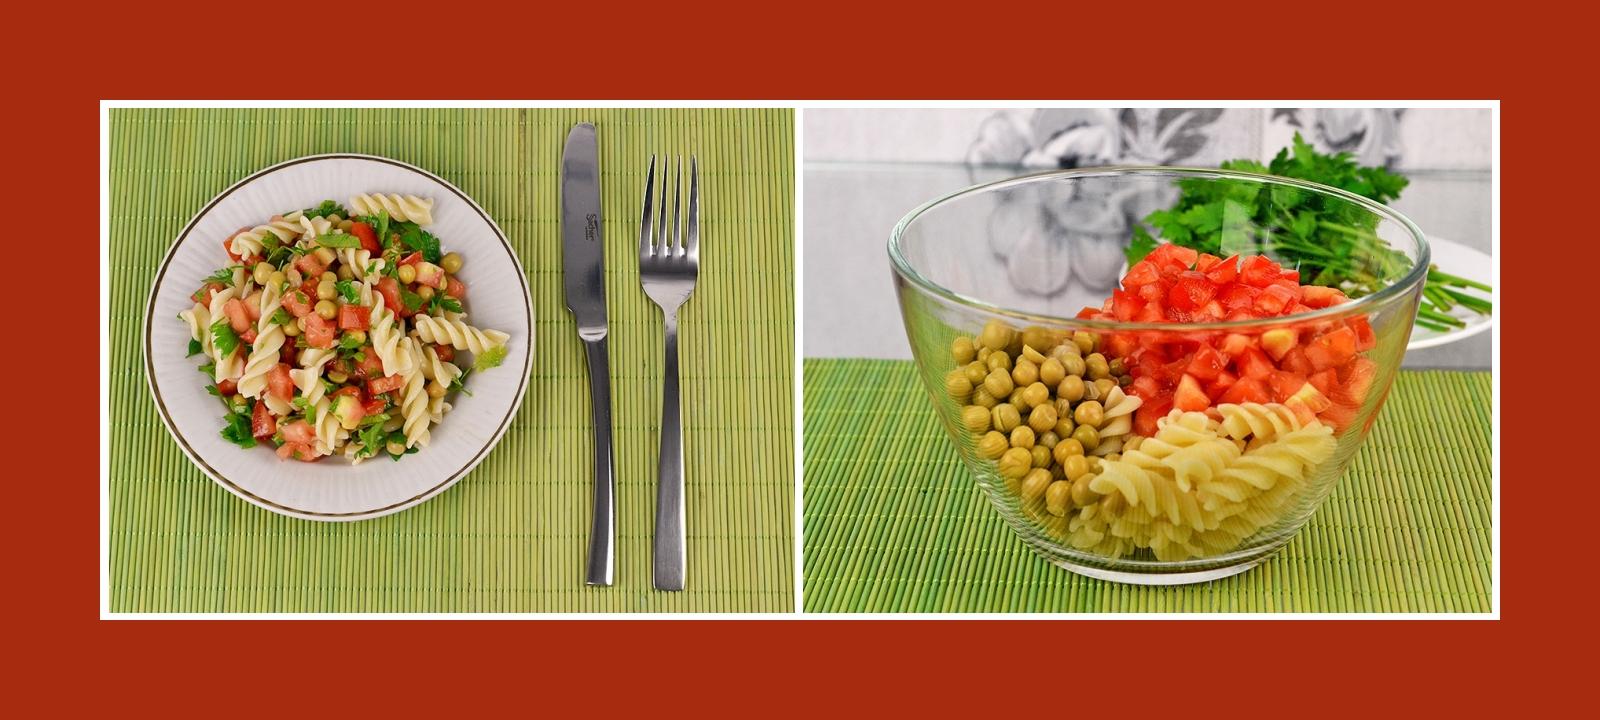 Nudelsalat mit frischen Tomaten und Erbsen aus der Konserve